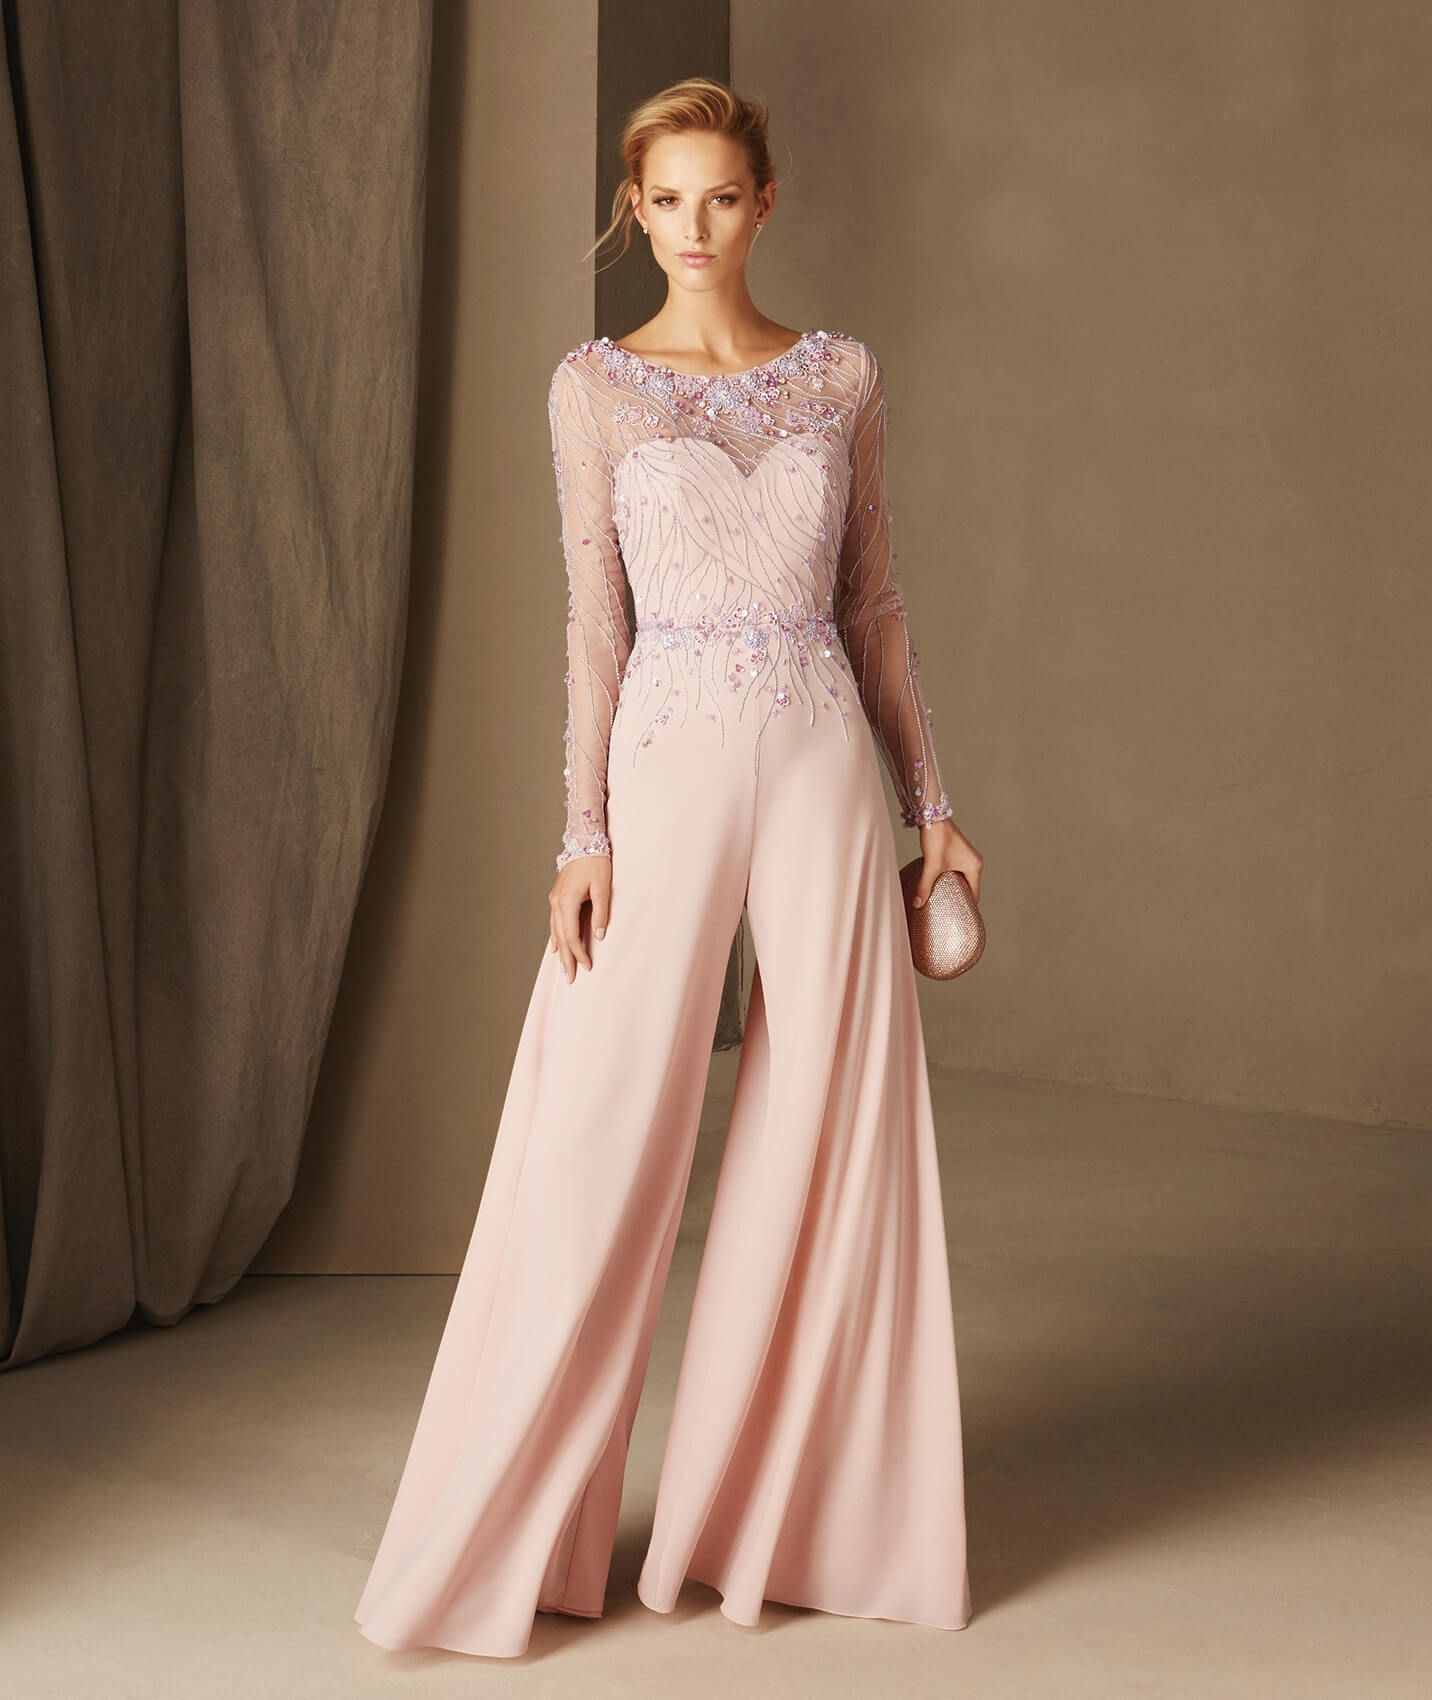 a36b0eebb665 Tuta da cerimonia in color rosa con applicazioni per invitate di matrimonio.  Modello Brenda di Pronovias